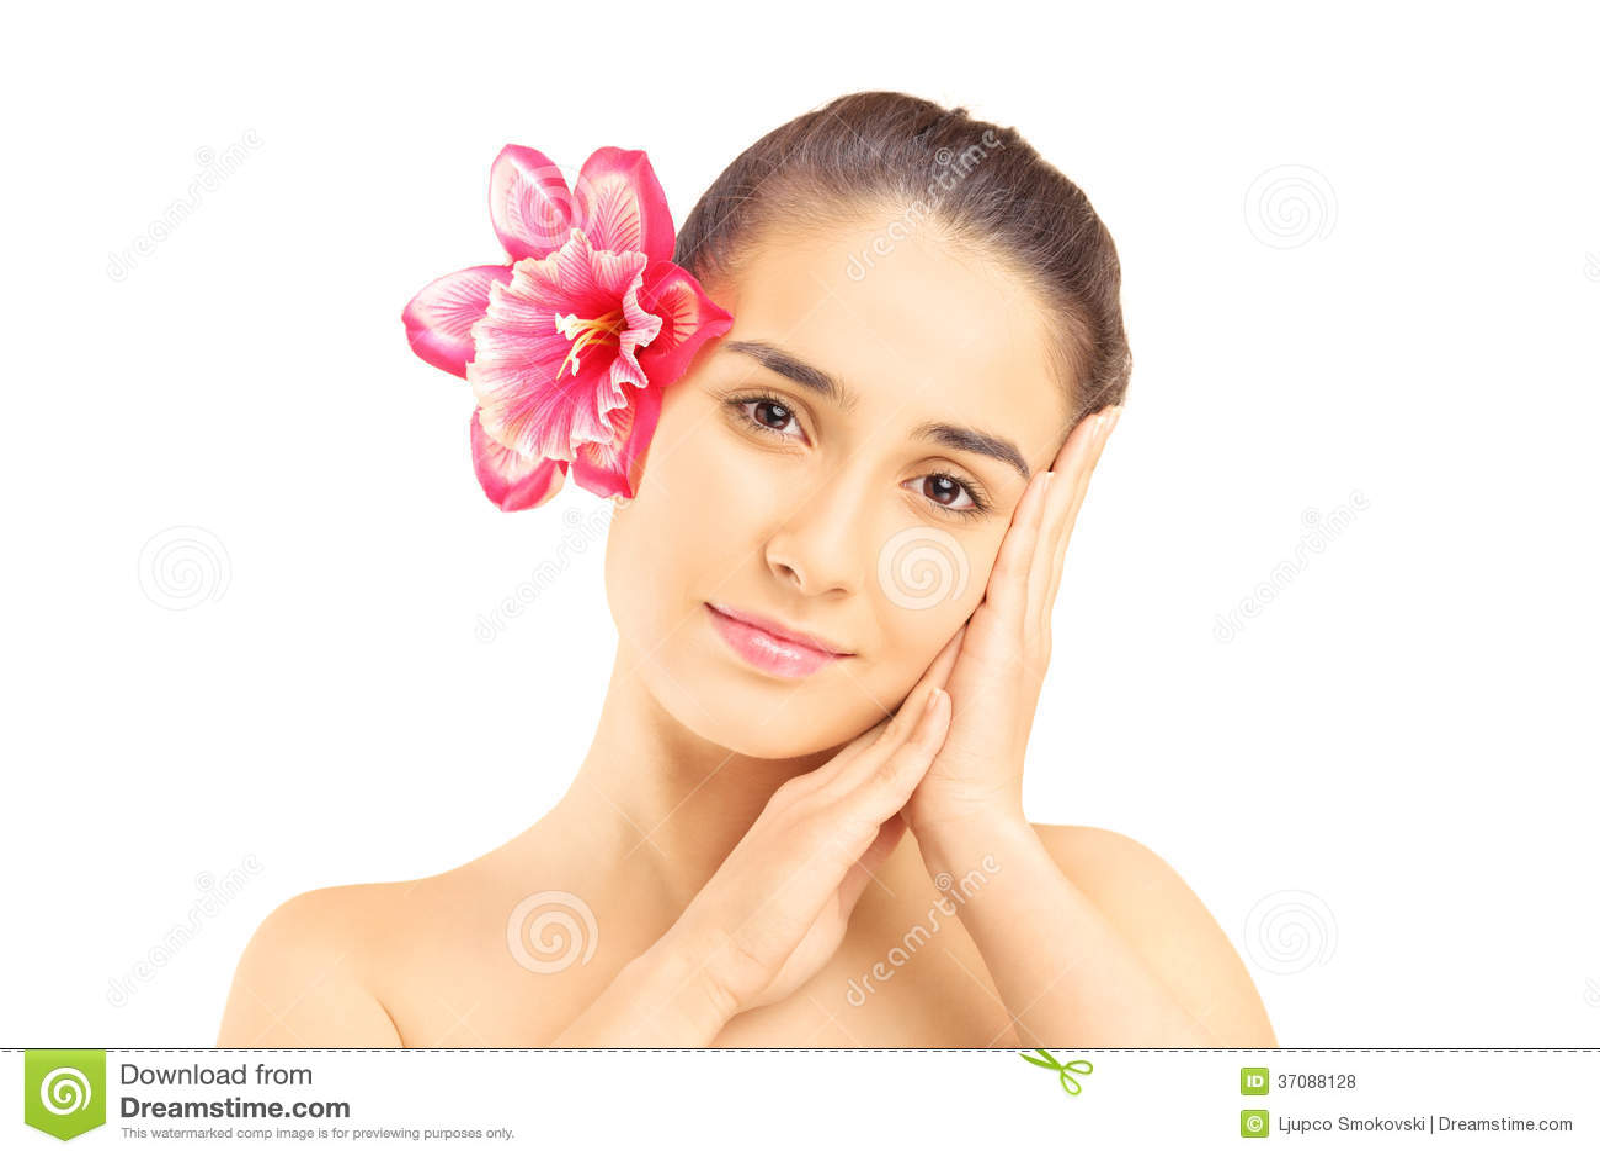 Download Portret Piękna Młoda Kobieta Z Kwiatem W Jej Włosy Zdjęcie Stock - Obraz złożonej z kosmetyk, poza: 37088128